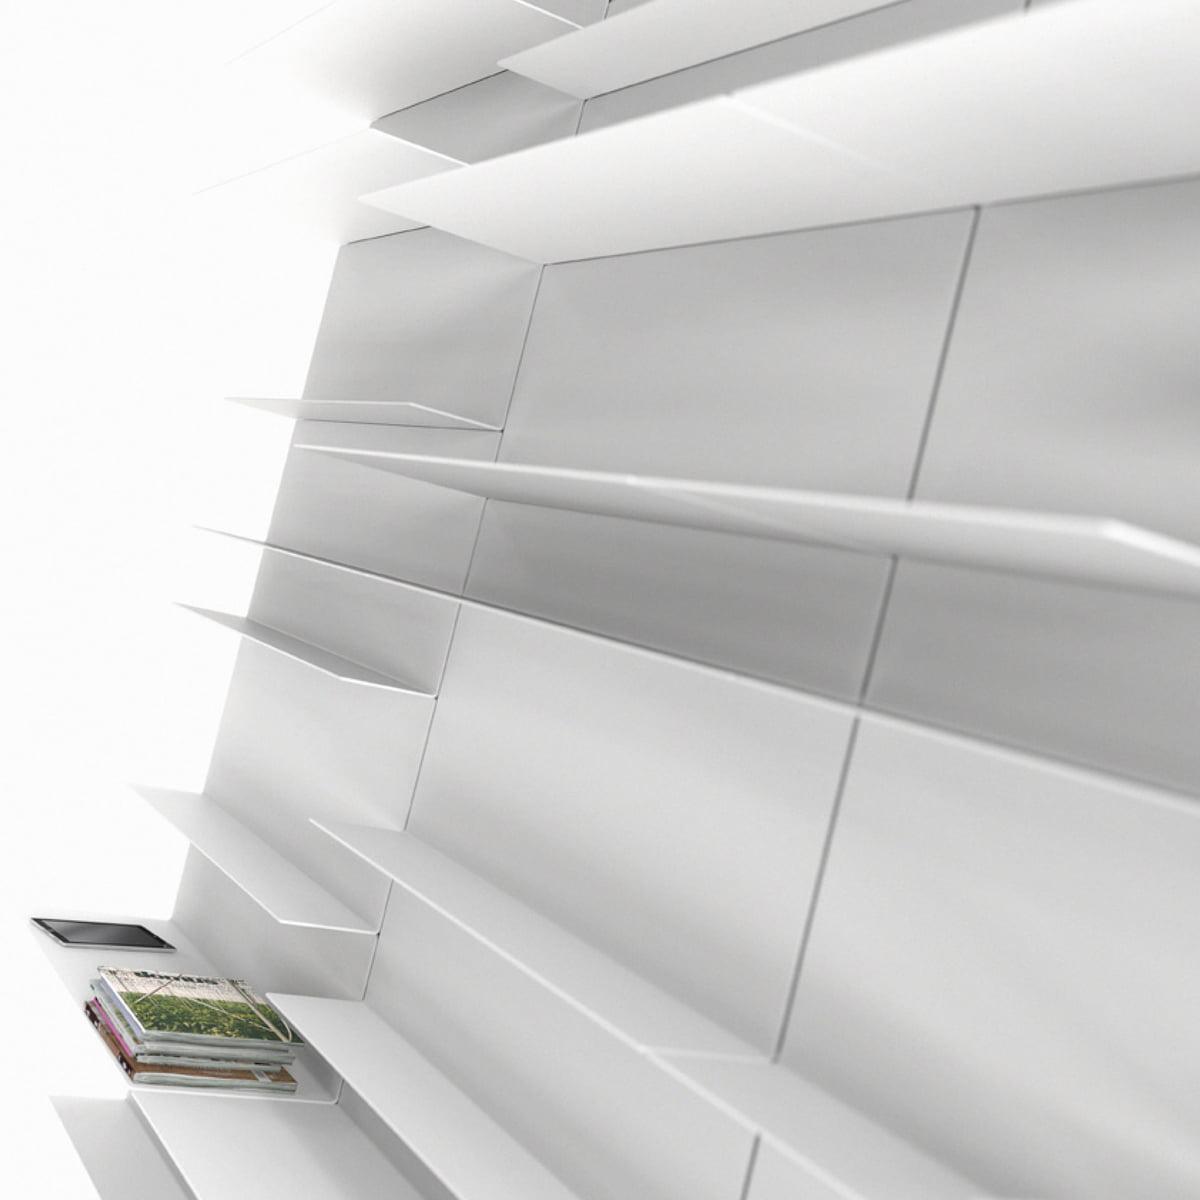 FROST - Unu Regalsystem  250 x 600 x 300  schwarz   Wohnzimmer > Regale > Regalsysteme   Frost